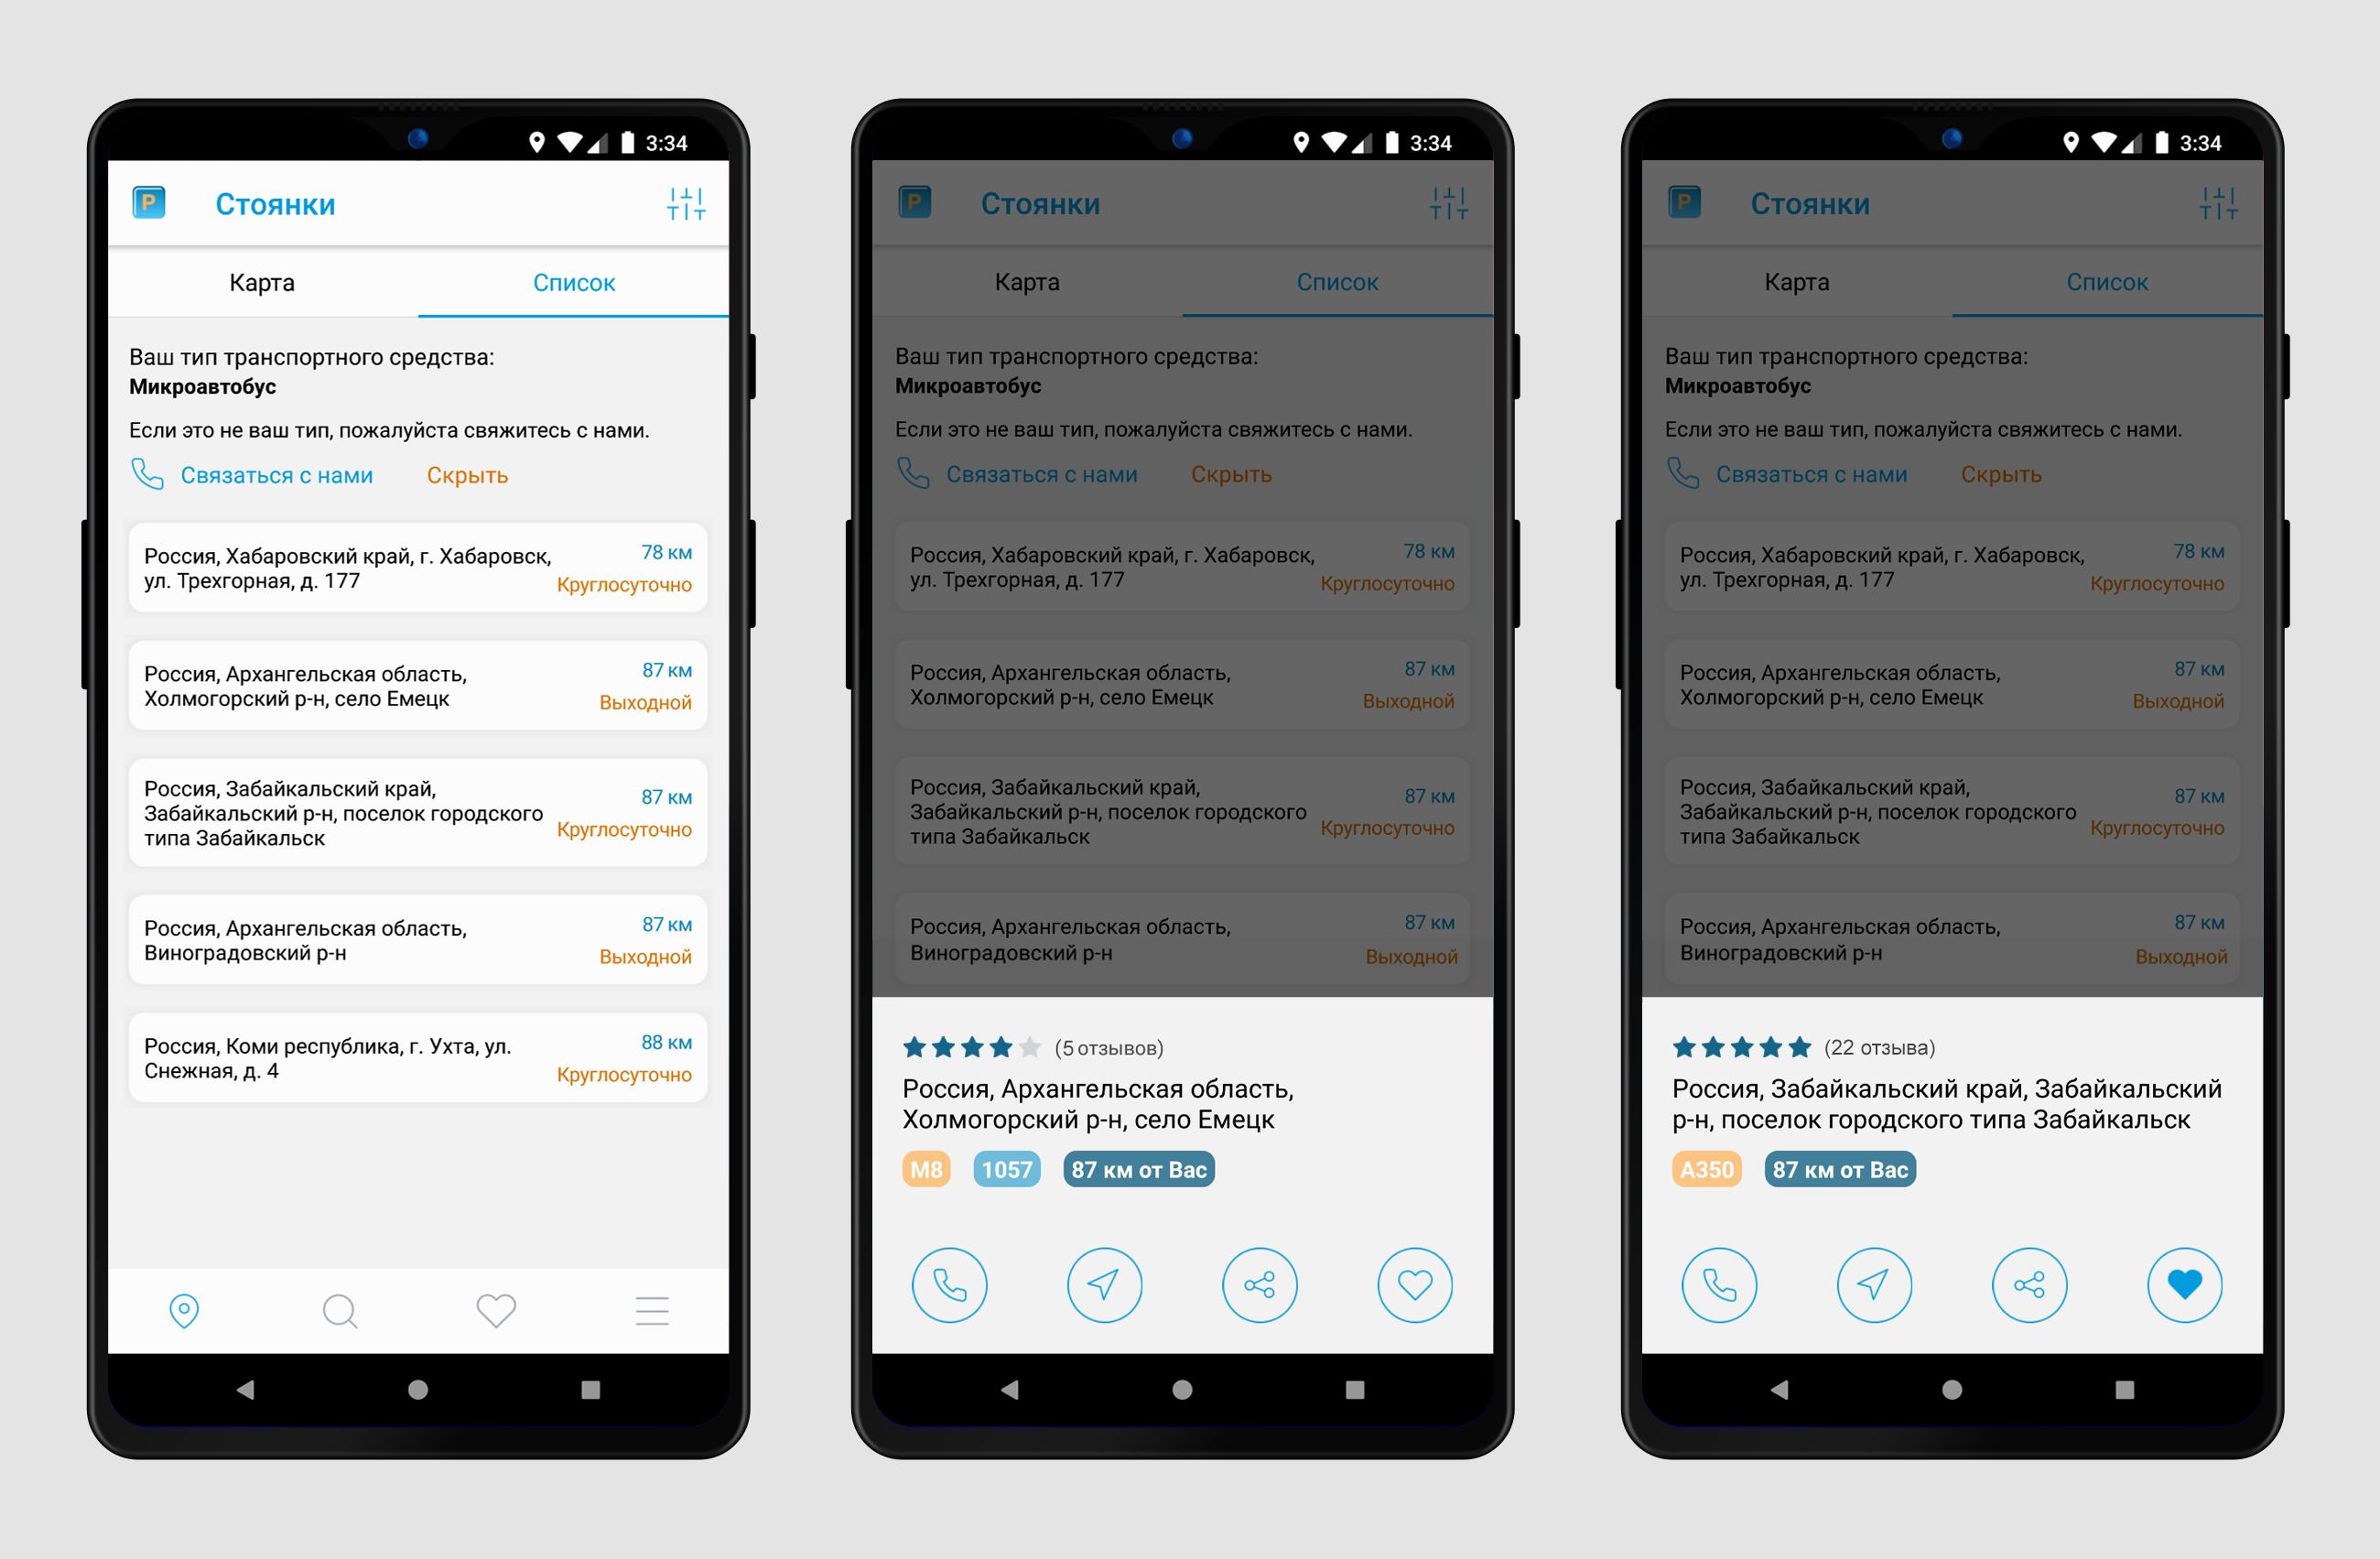 Модальное окно с информацией для Android